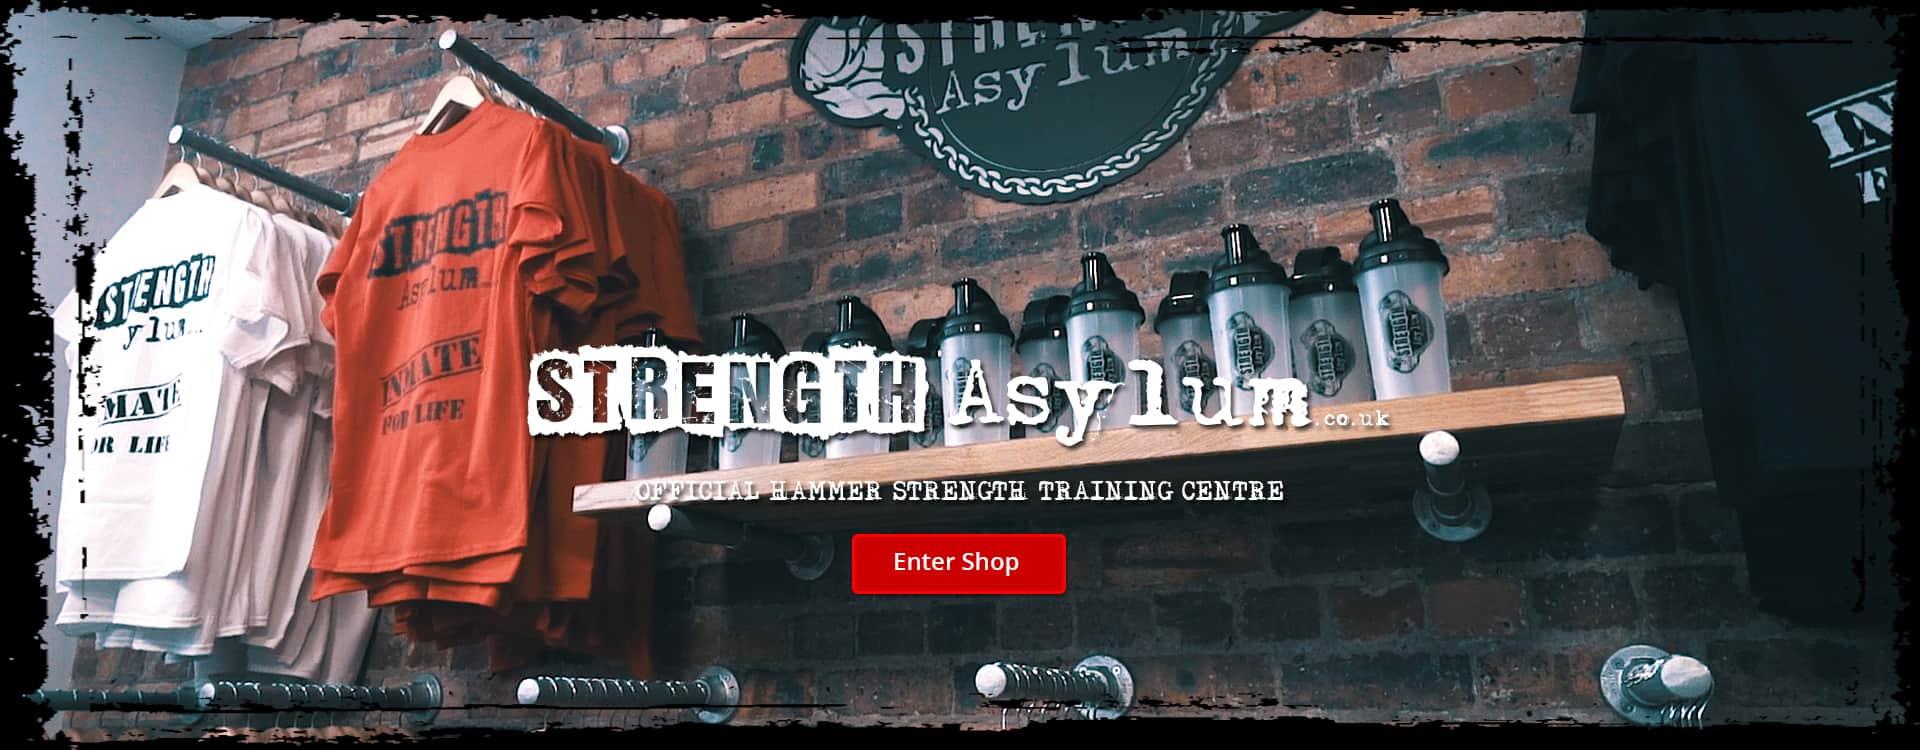 https://www.strengthasylum.co.uk/wp-content/uploads/2017/02/feb-banner-6.jpg